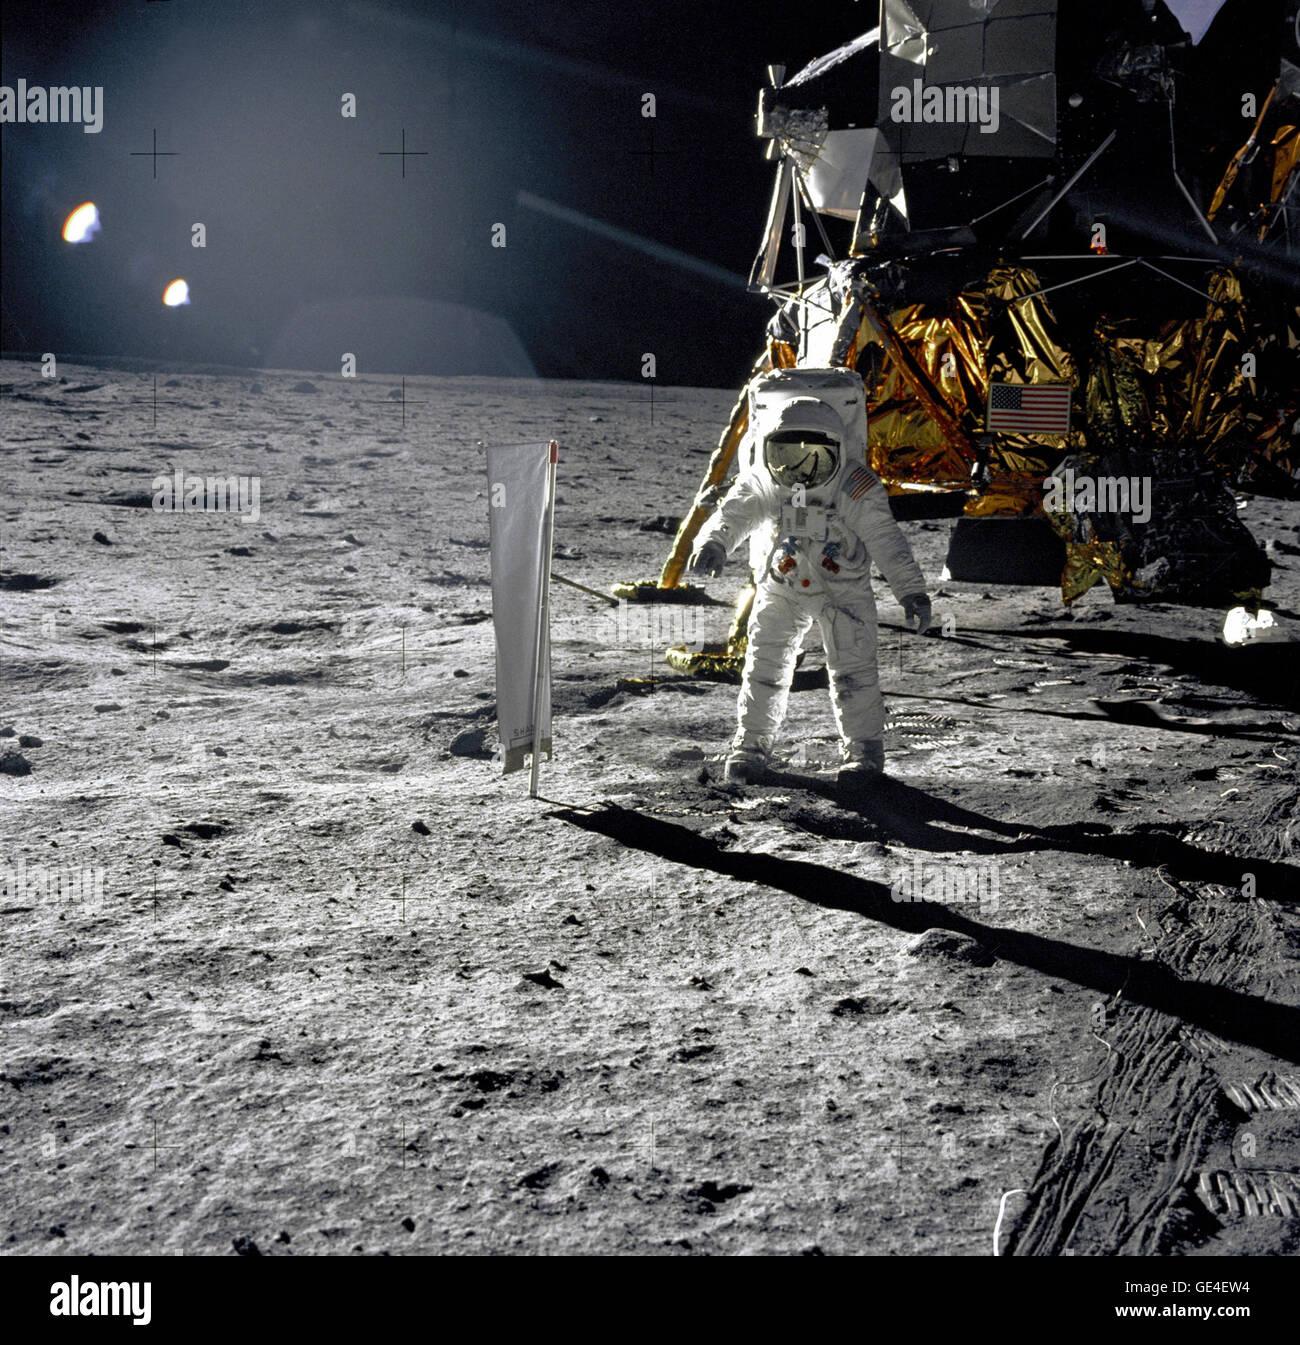 Lunar Module Apollo 11 Stock Photos & Lunar Module Apollo ...